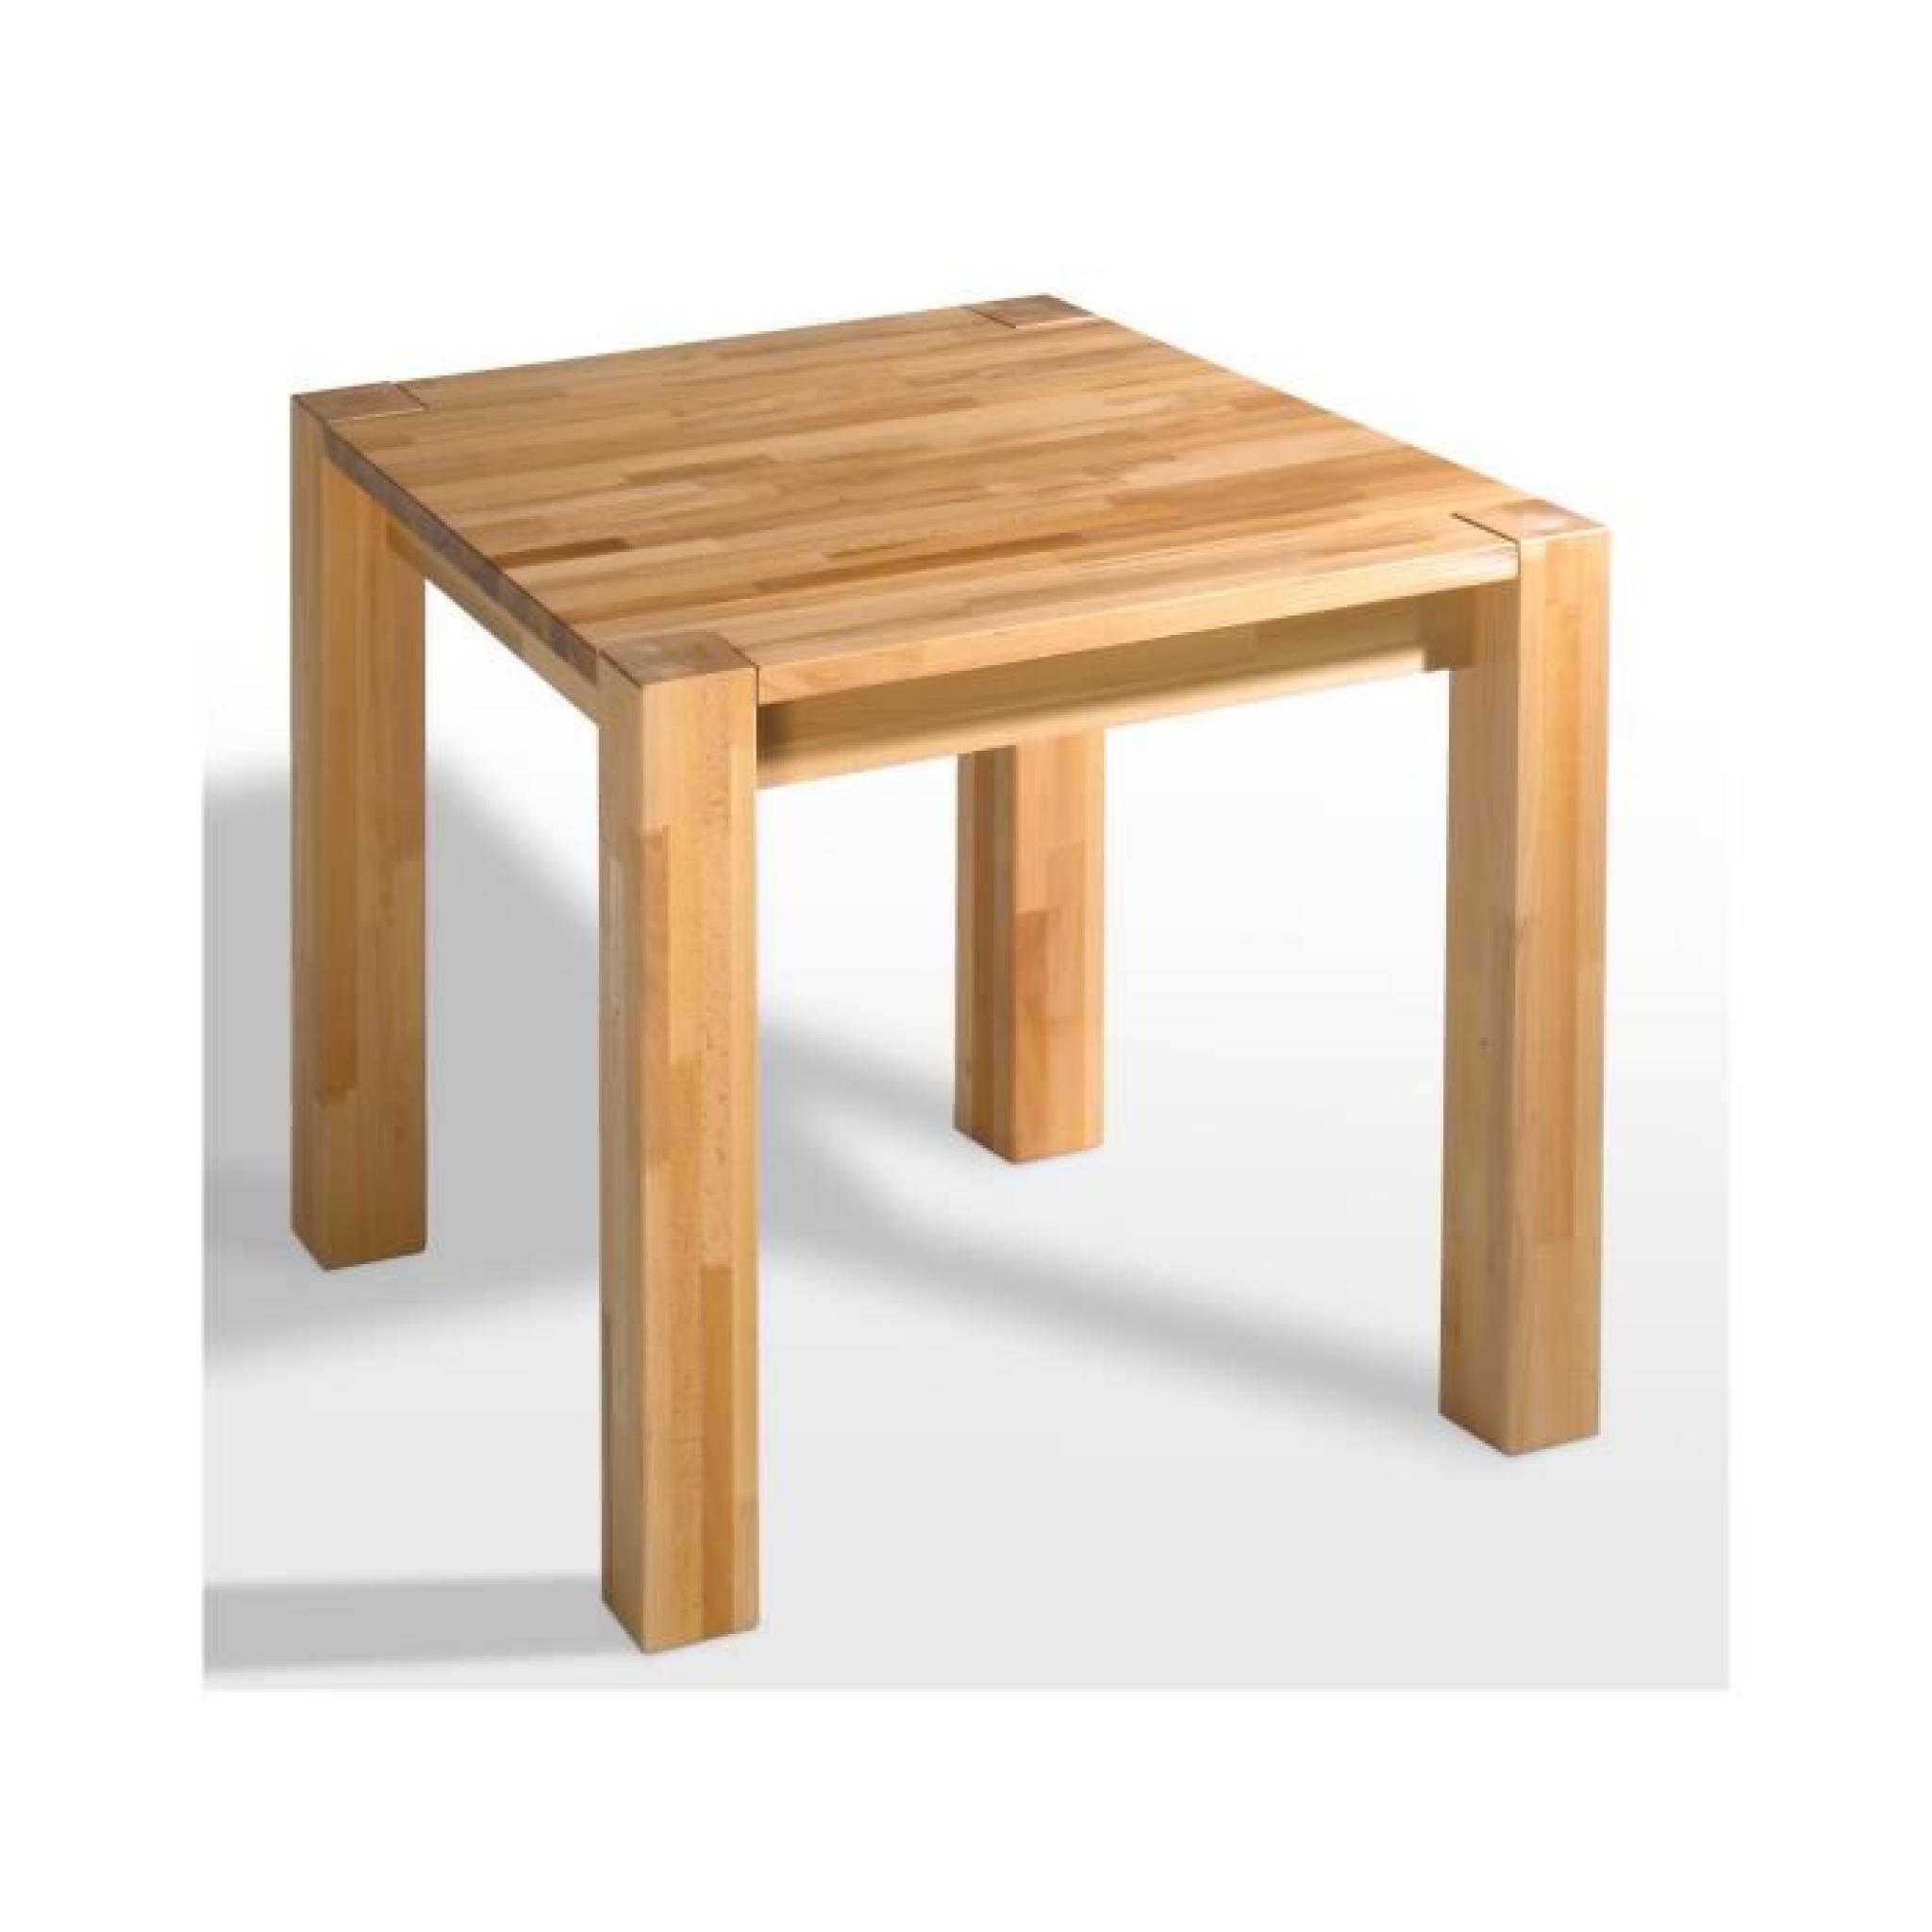 Table BUCHE 80x80 en hêtre massif huilé avec rallonges massivum ...